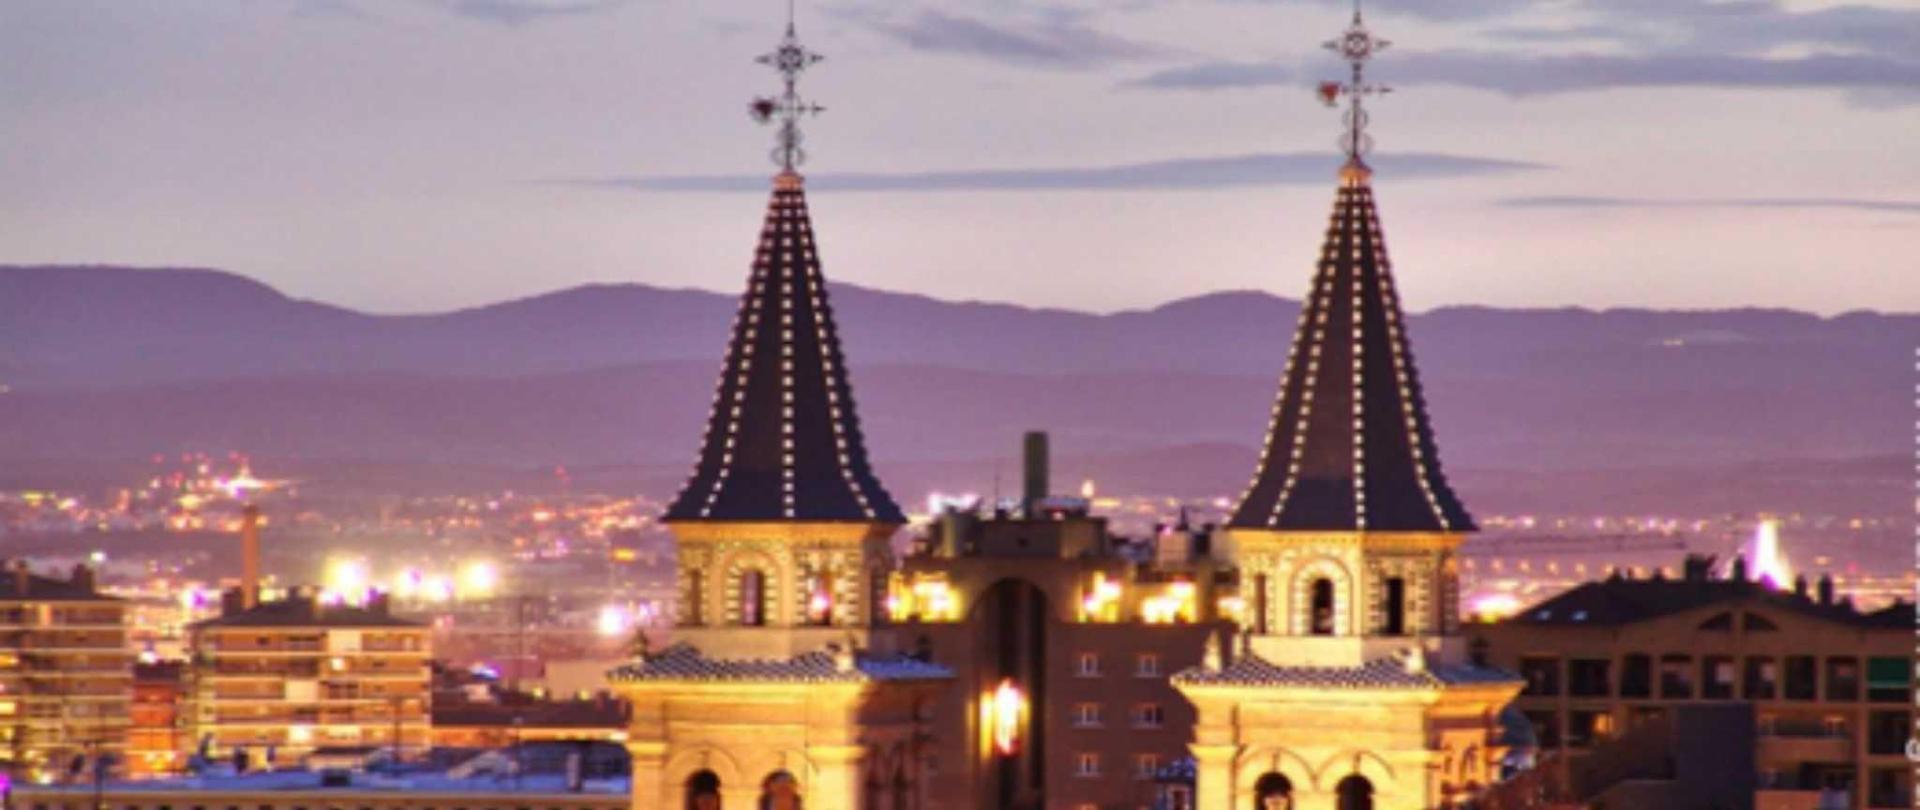 hotel-carlos-v-foto14.jpg